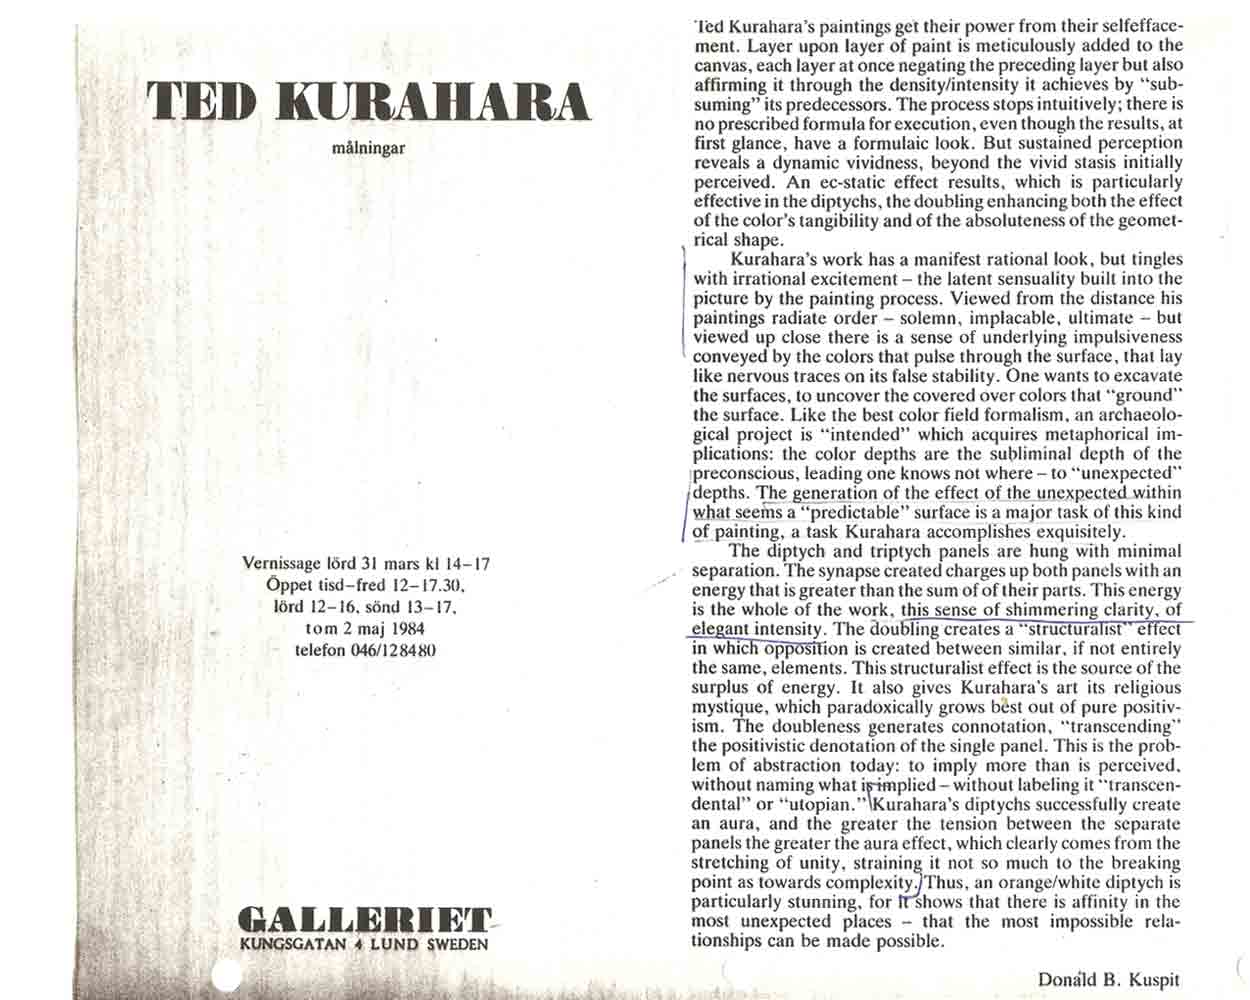 Ted Kurahara: malningar, flyer